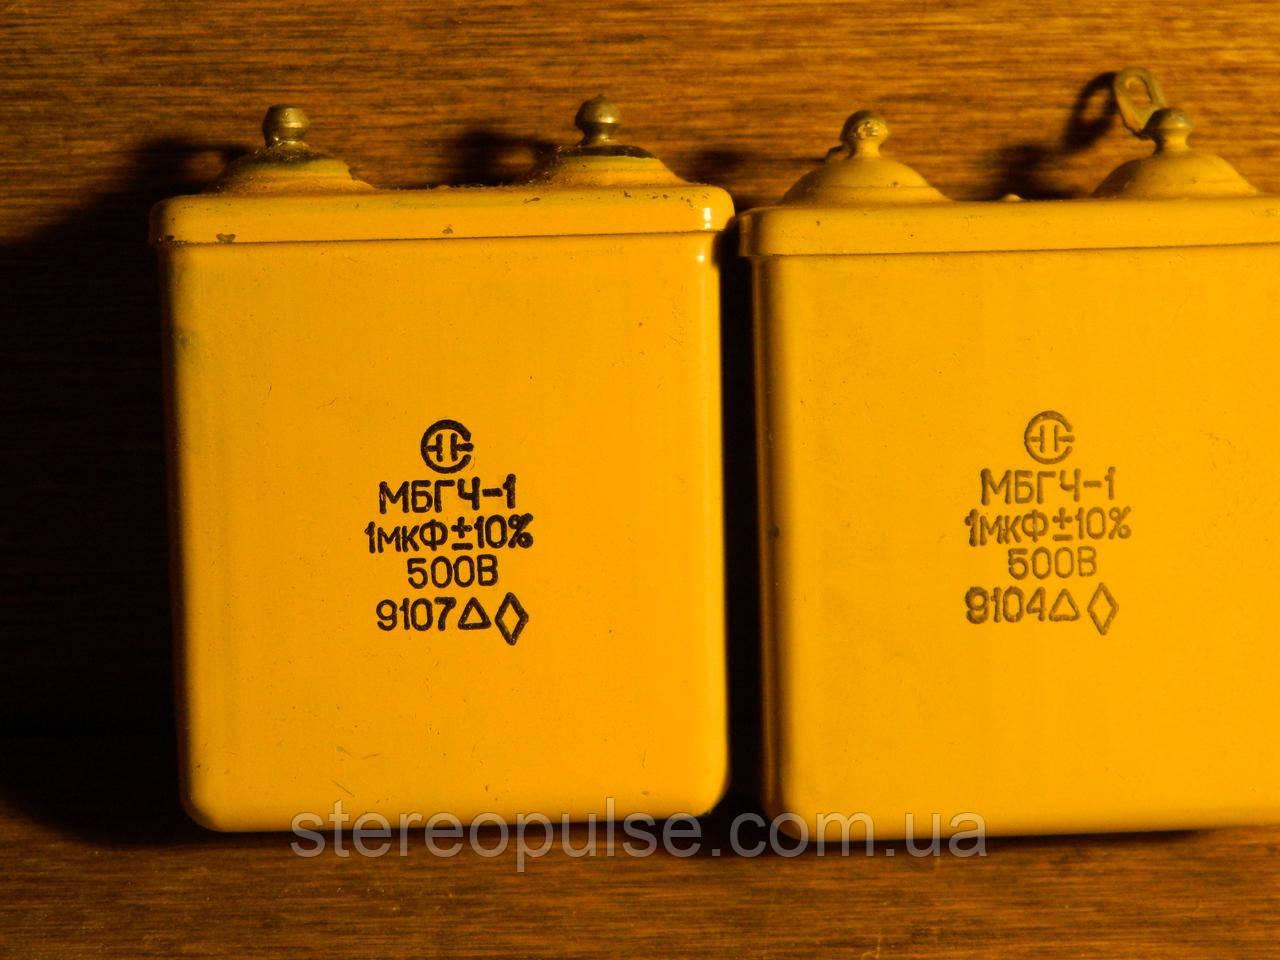 Конденсатор МБГЧ-1 1мкФ 500В    2 мкФ  -250 В